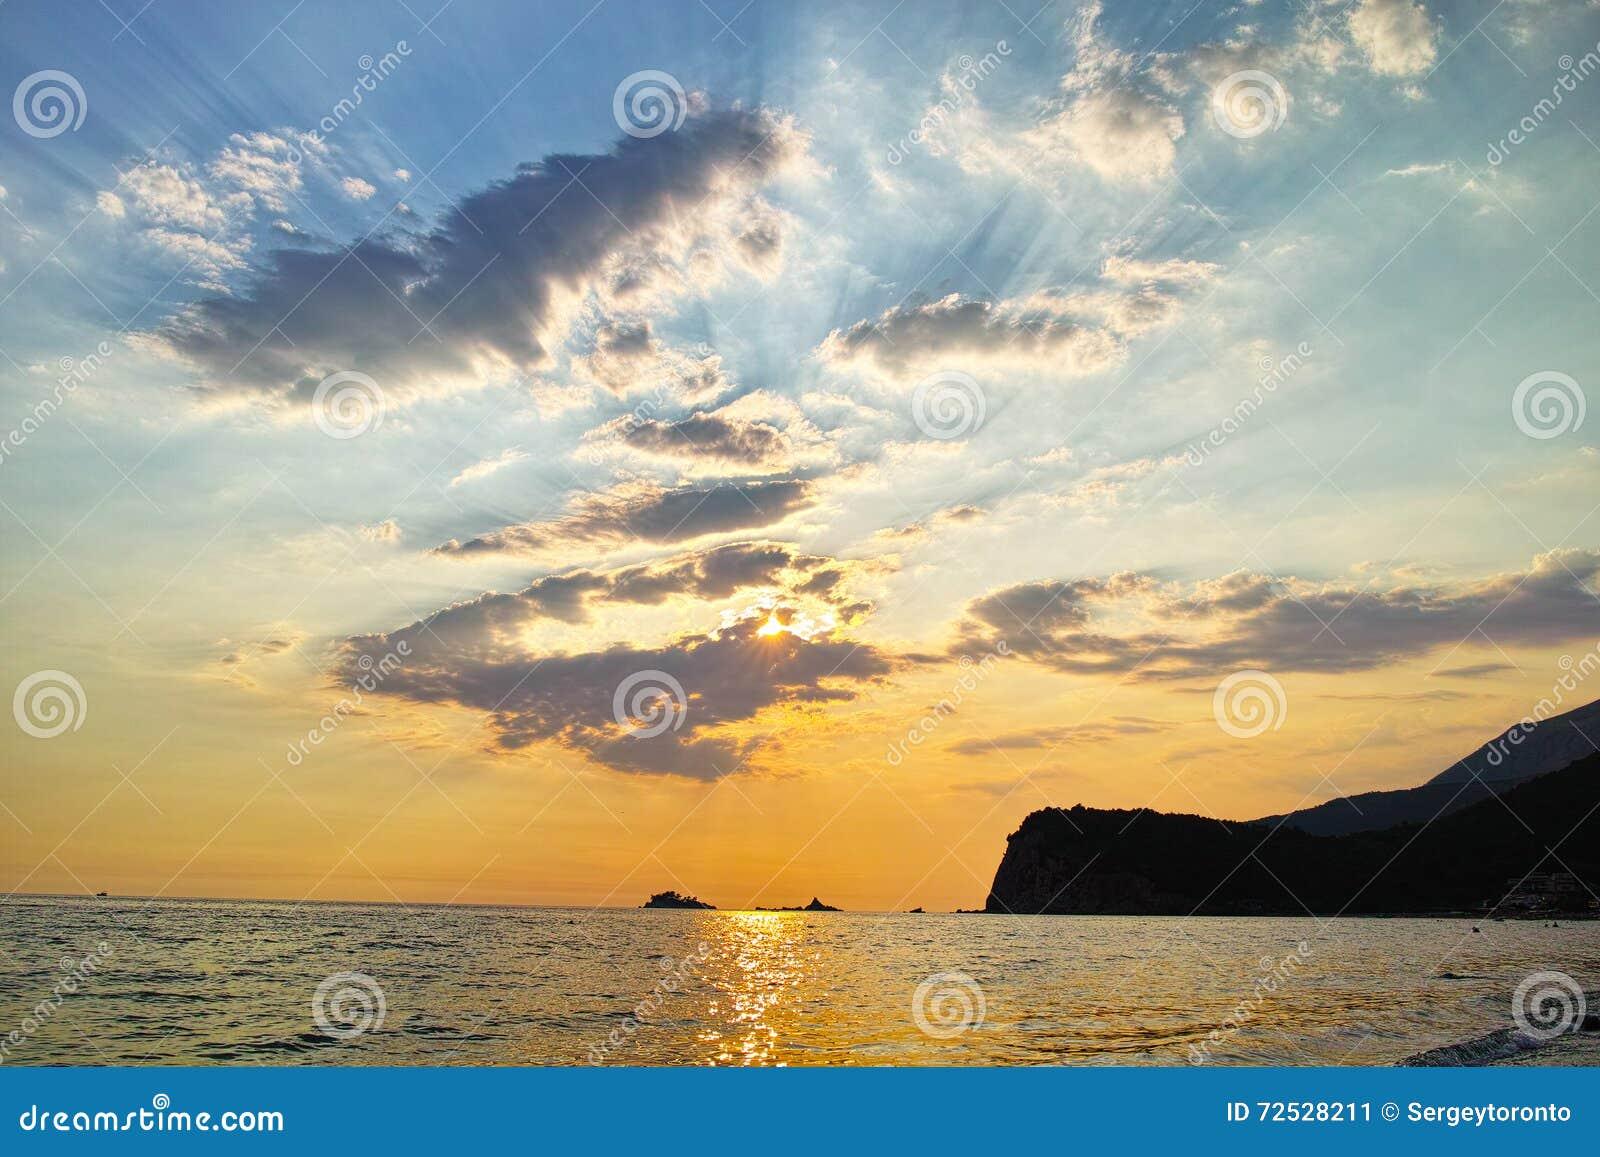 Puesta del sol de montenegro en el mar mediterr neo foto - Bater roca precios ...